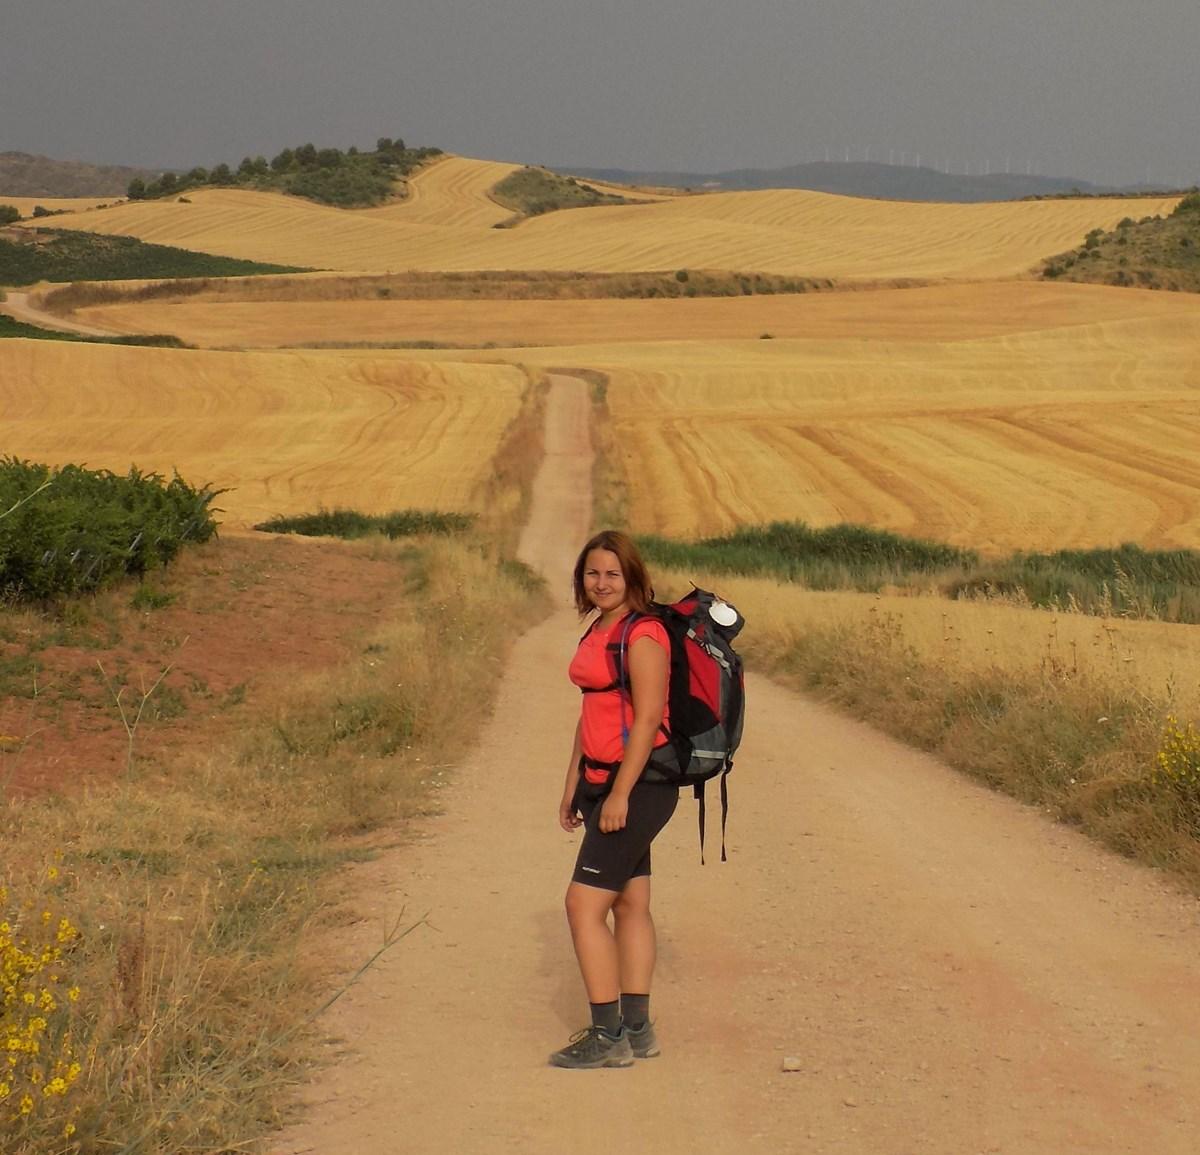 ŠPANĚLSKÝ TÝDEN: Pouť do Santiaga de Compostela (L. Kalous)